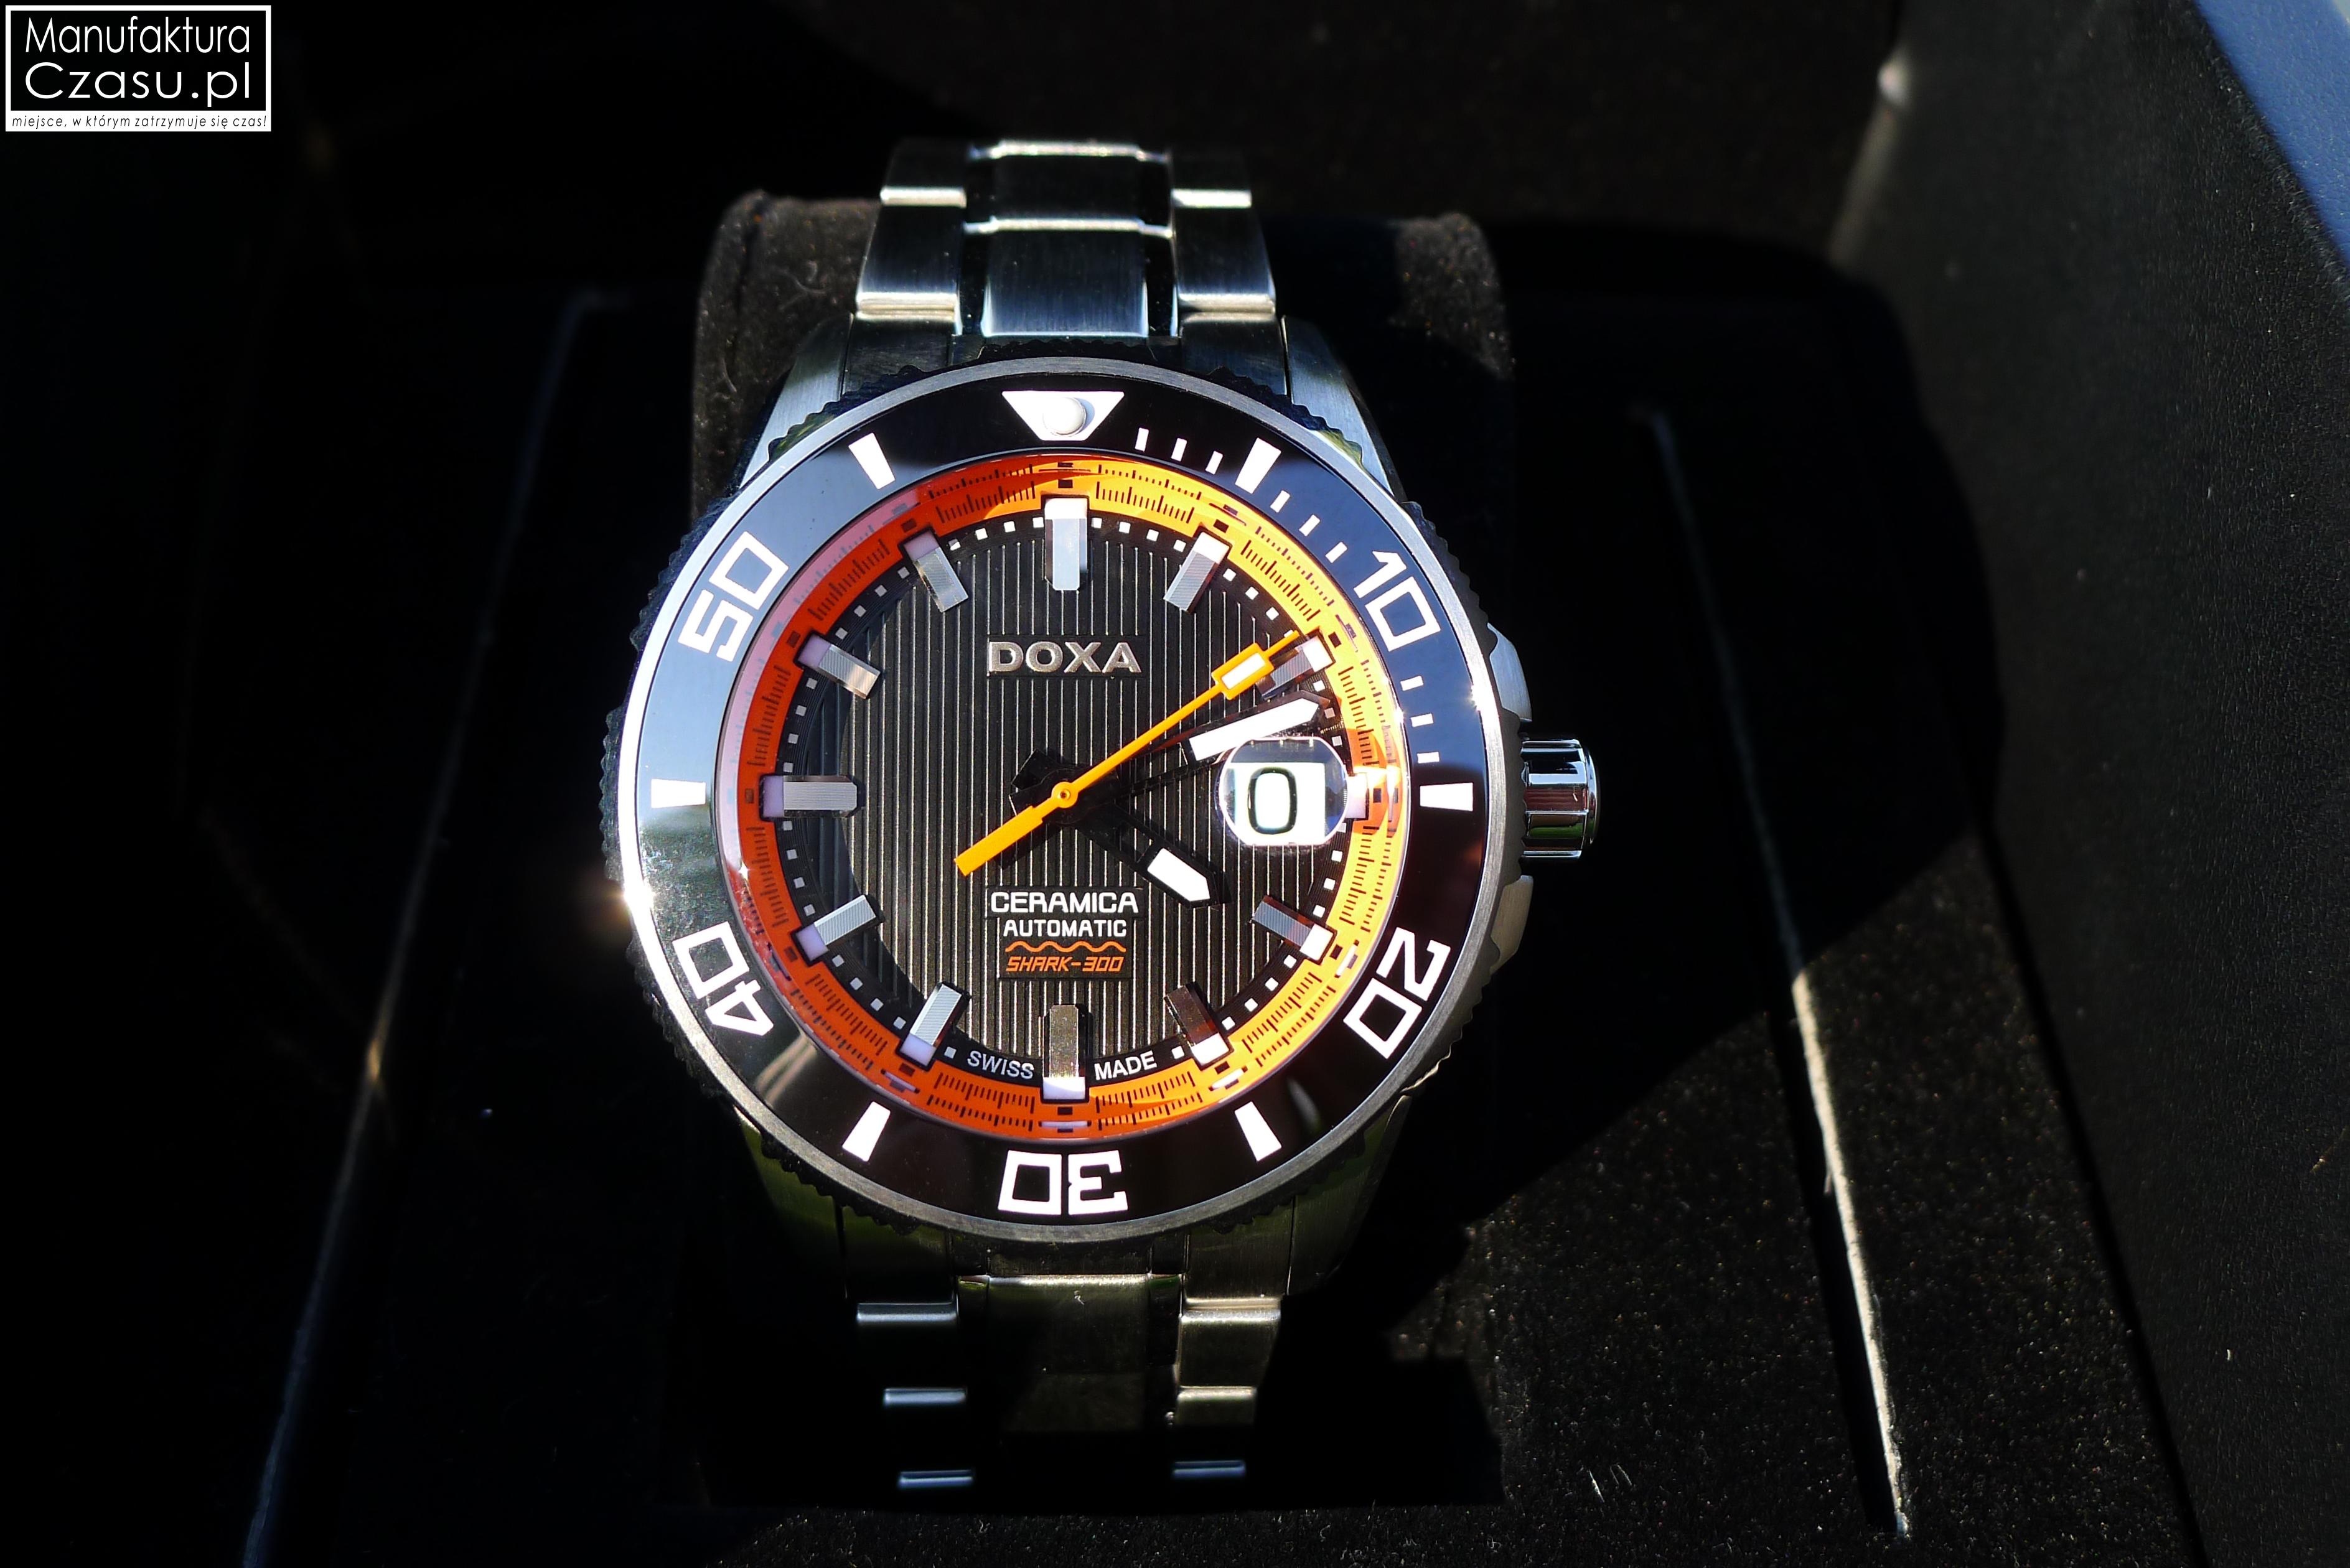 158ad415fa5470 Jak zmienić i ustawić datę w zegarku mechanicznym? – Manufaktura Czasu